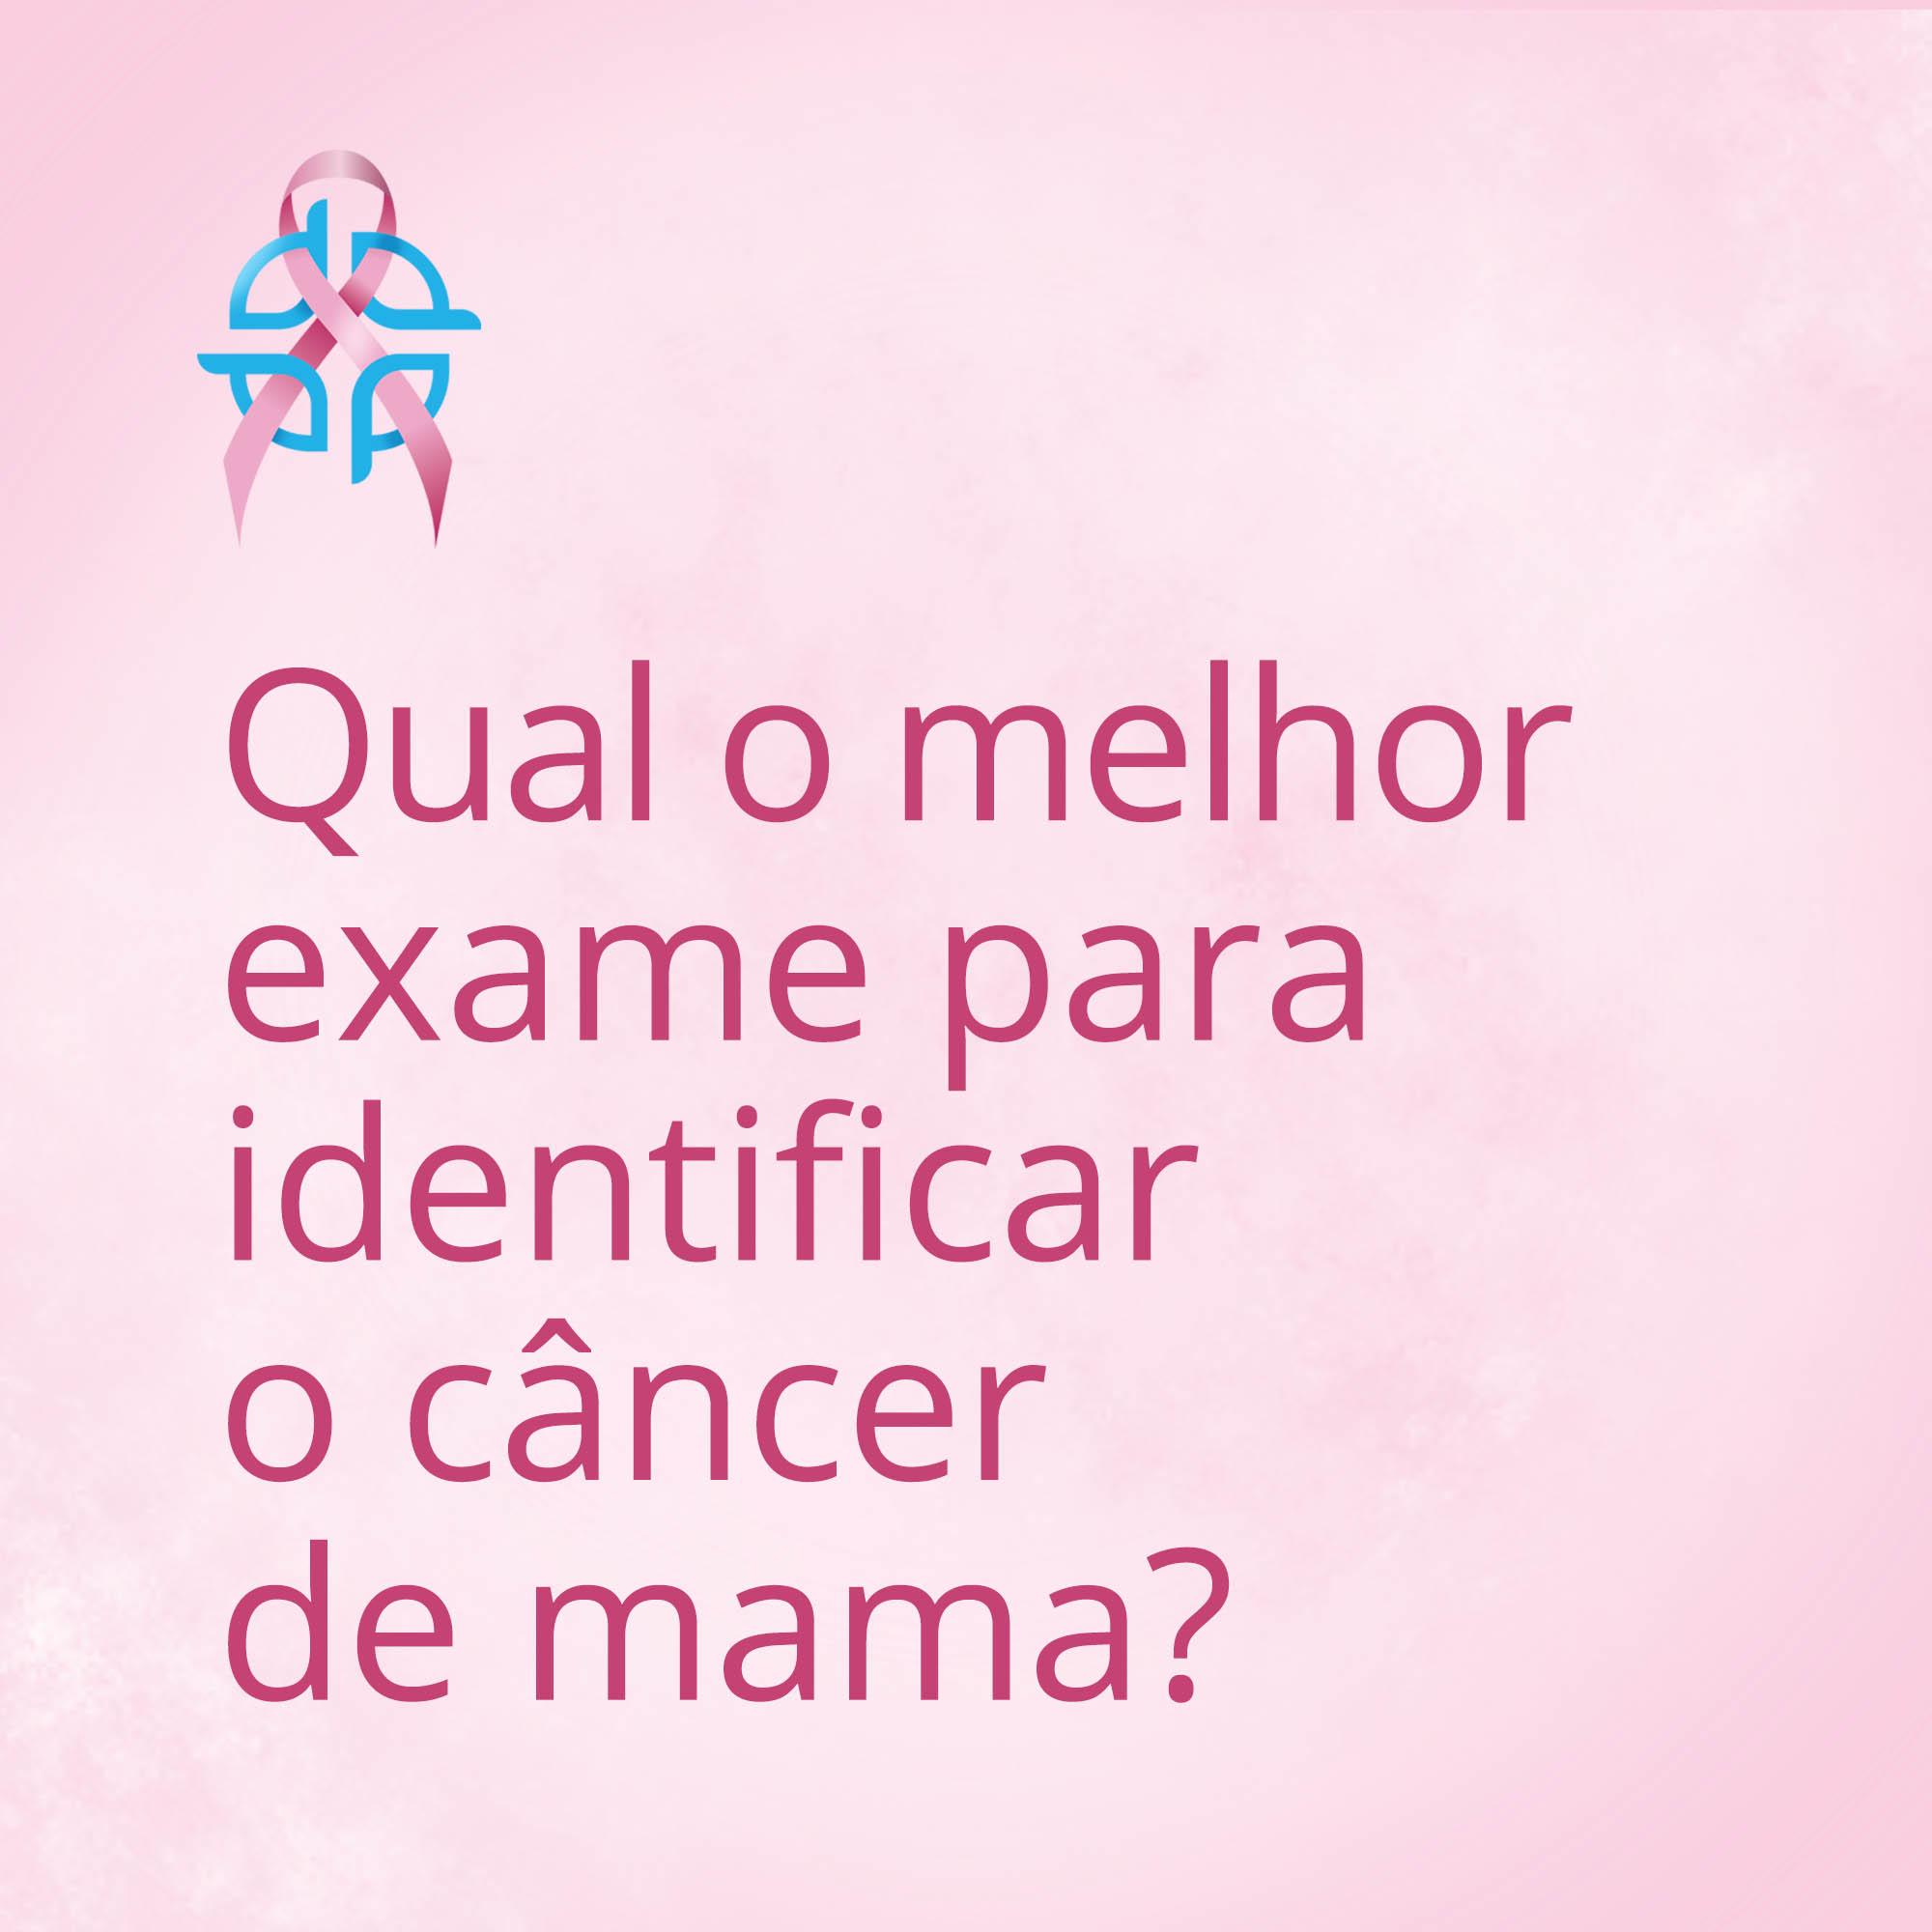 Qual o melhor exame para identificar o câncer de mama?